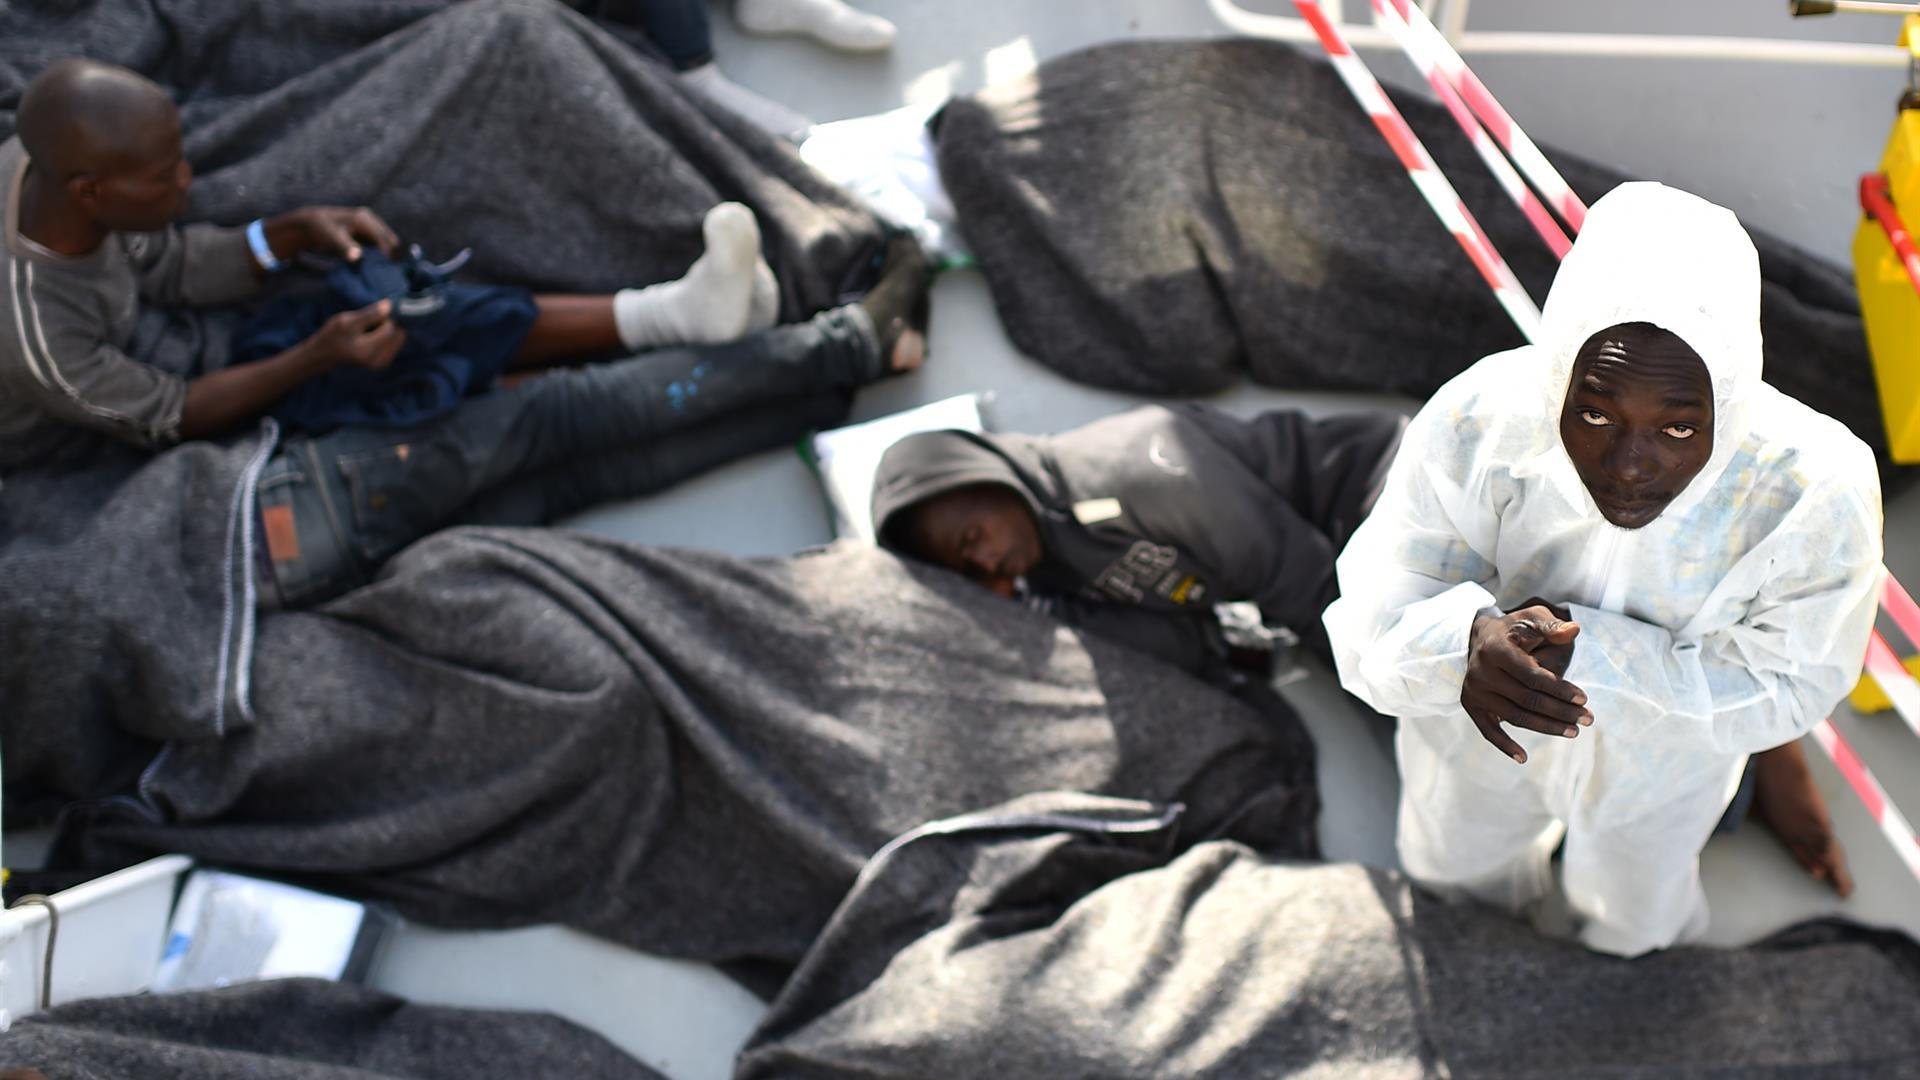 migranti rifugiati italia